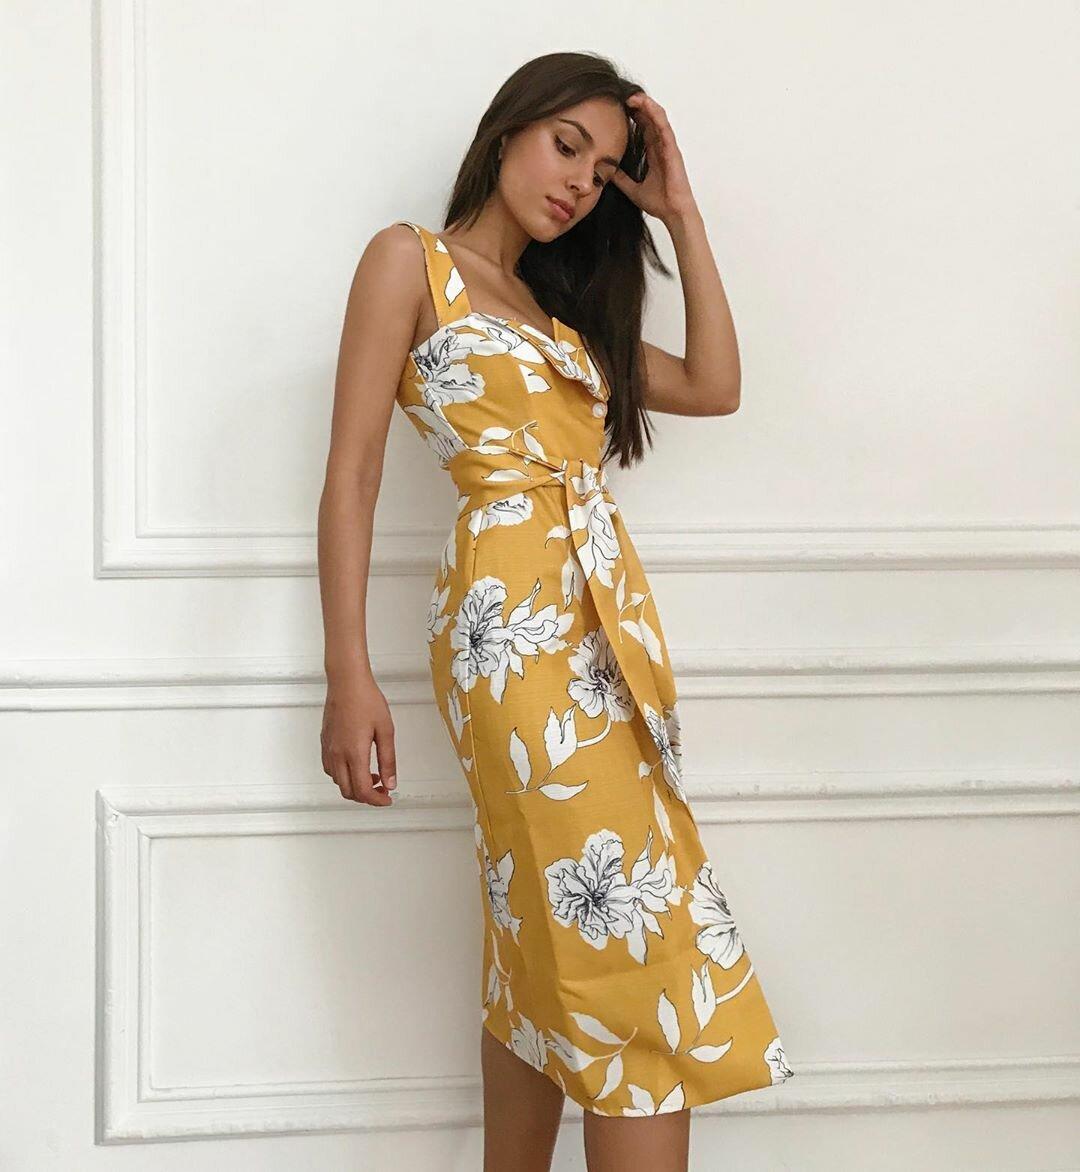 Льняные платья: 13 идей, которые помогут чувствовать себя комфортно в самые жаркие дни